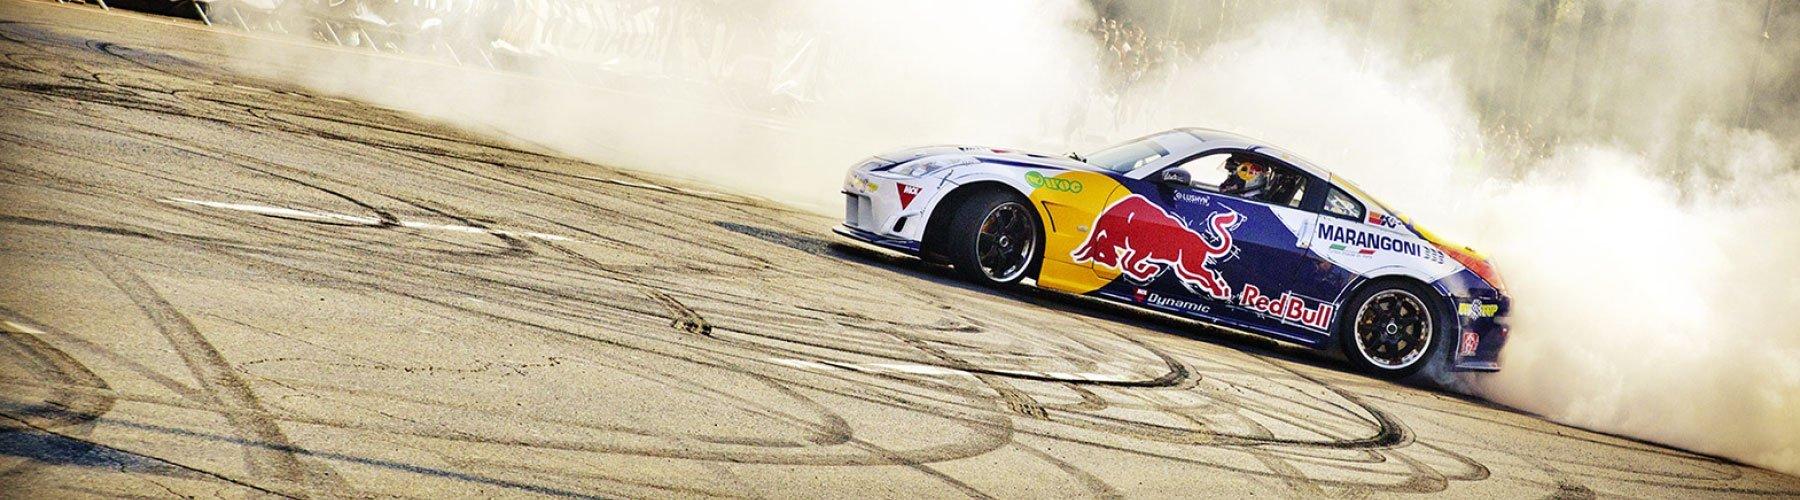 FTS Racing - Distribuzione di prodotti Aftermarket per il settore Racing